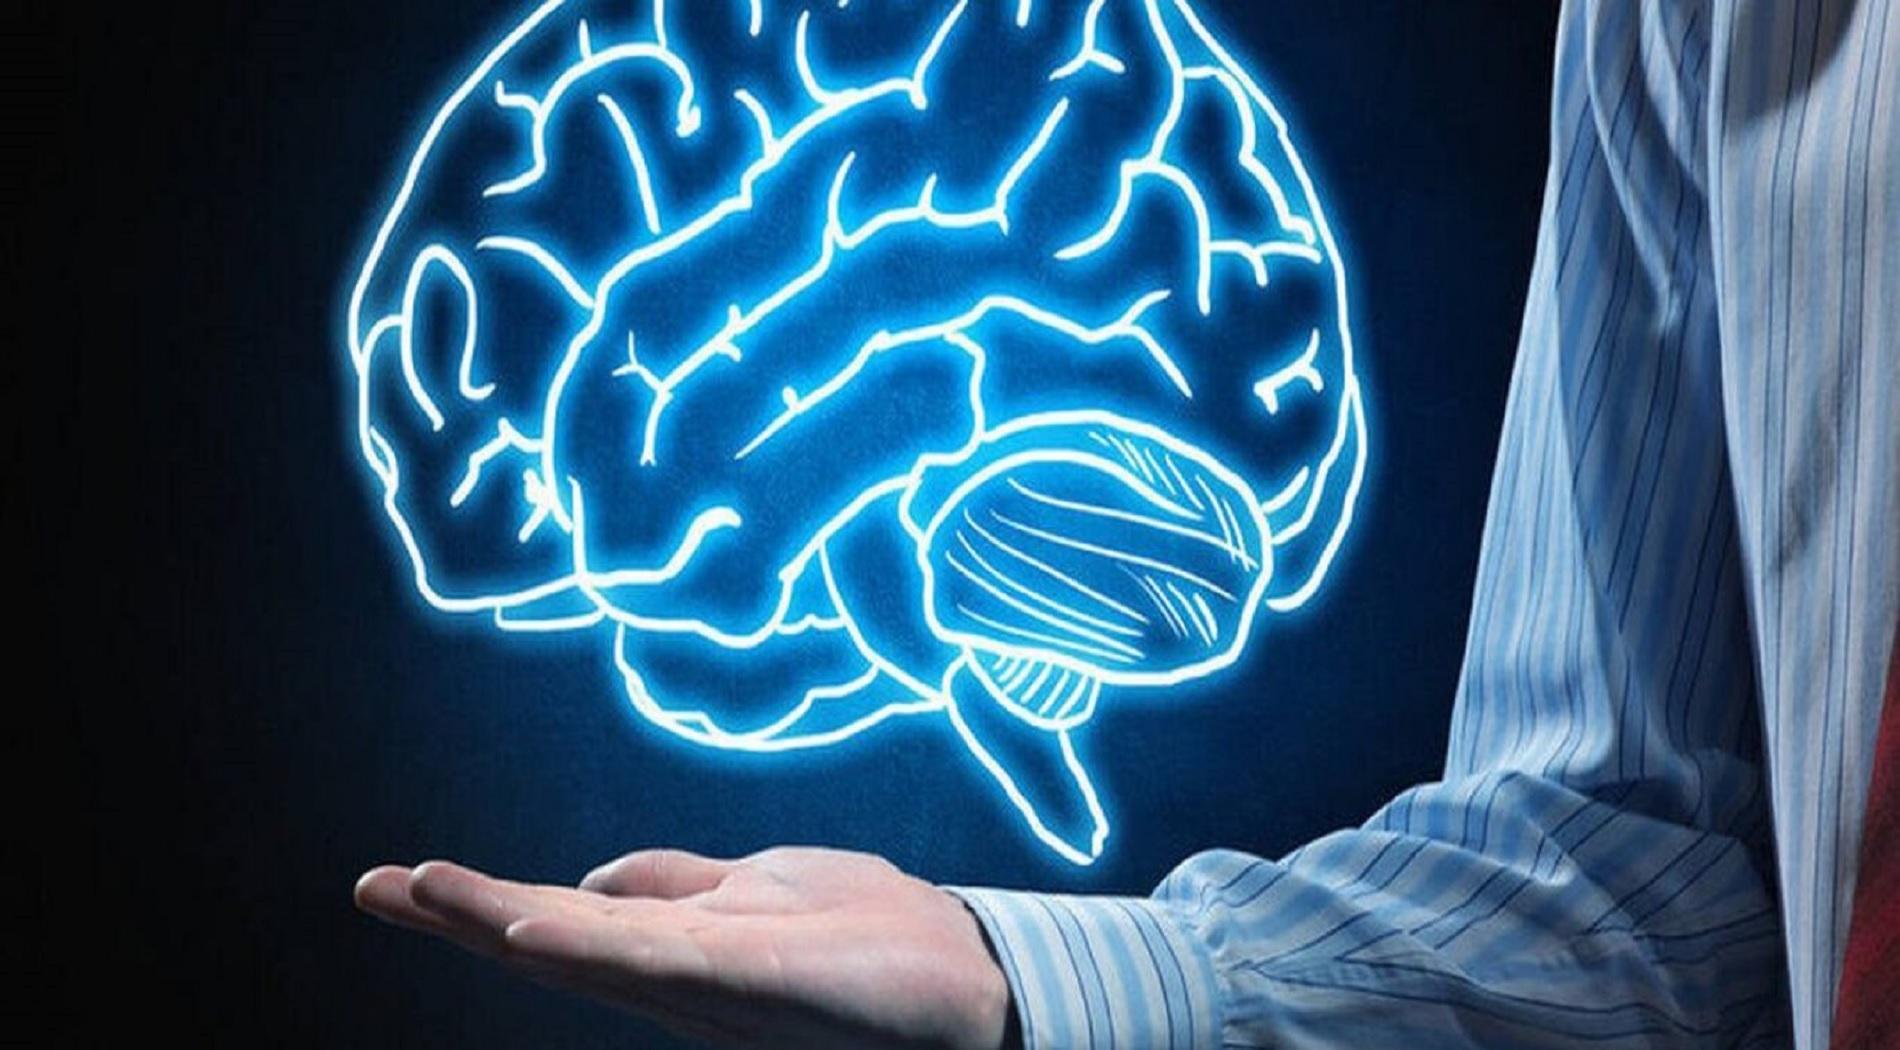 Κοντά σε νέο διαγνωστικό τεστ για την εγκεφαλική υγεία